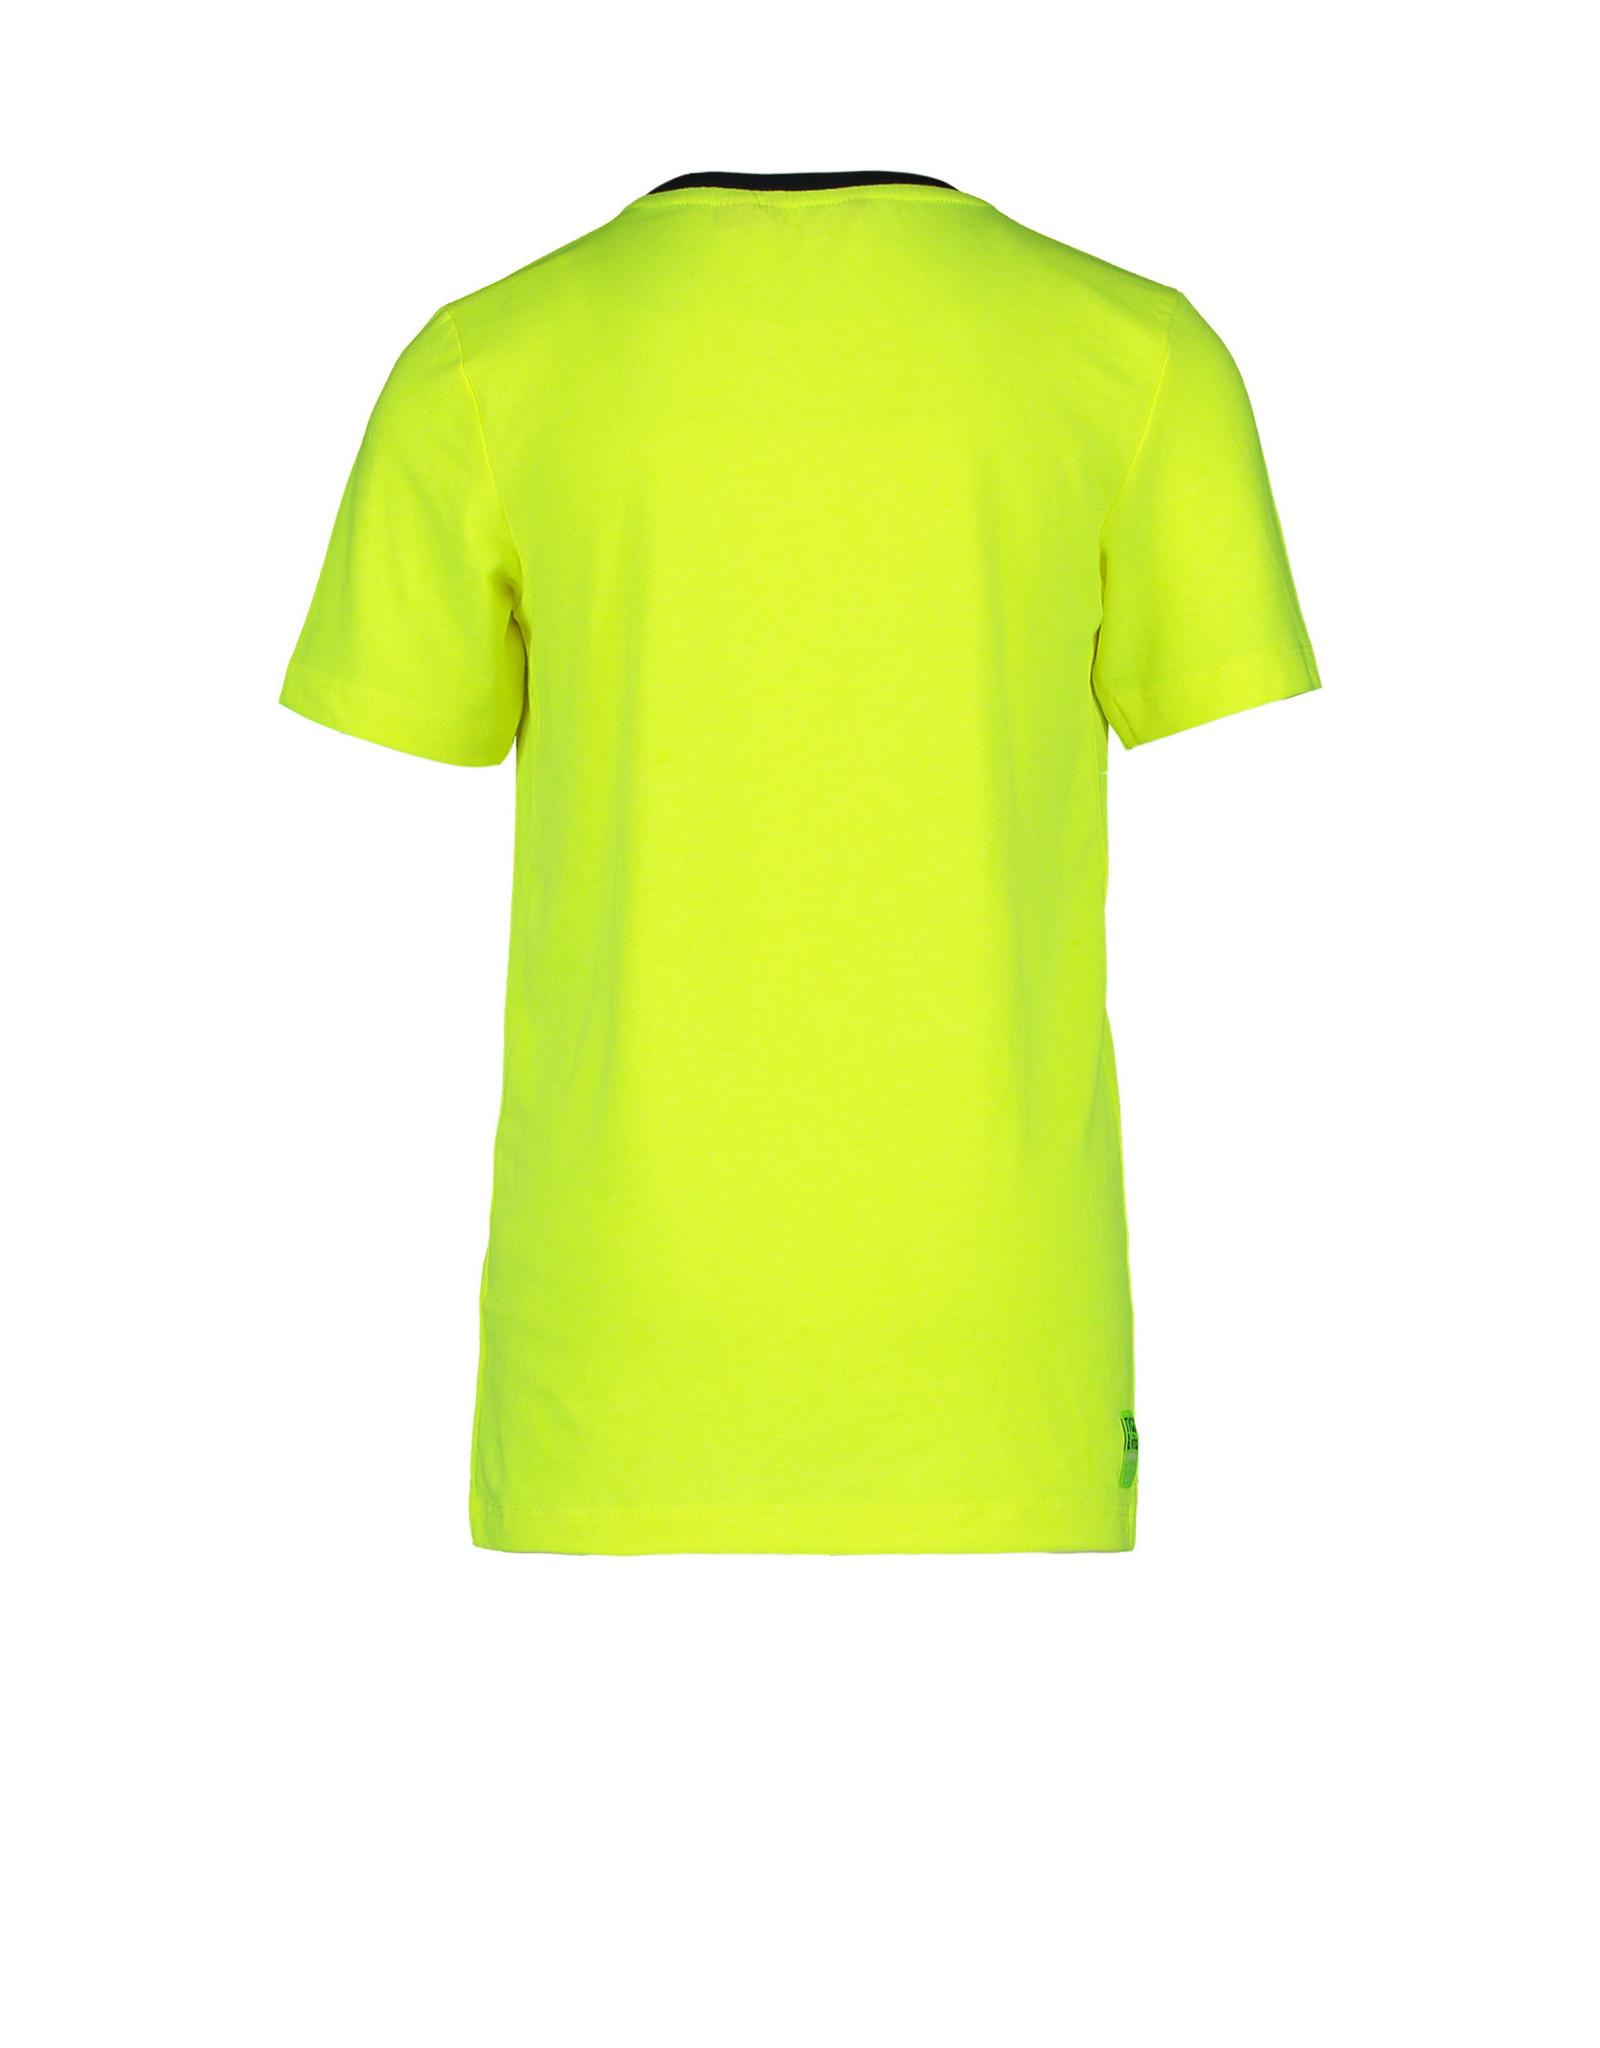 TYGO & vito TYGO & vito jongens t-shirt Let's Rock Safety Yellow